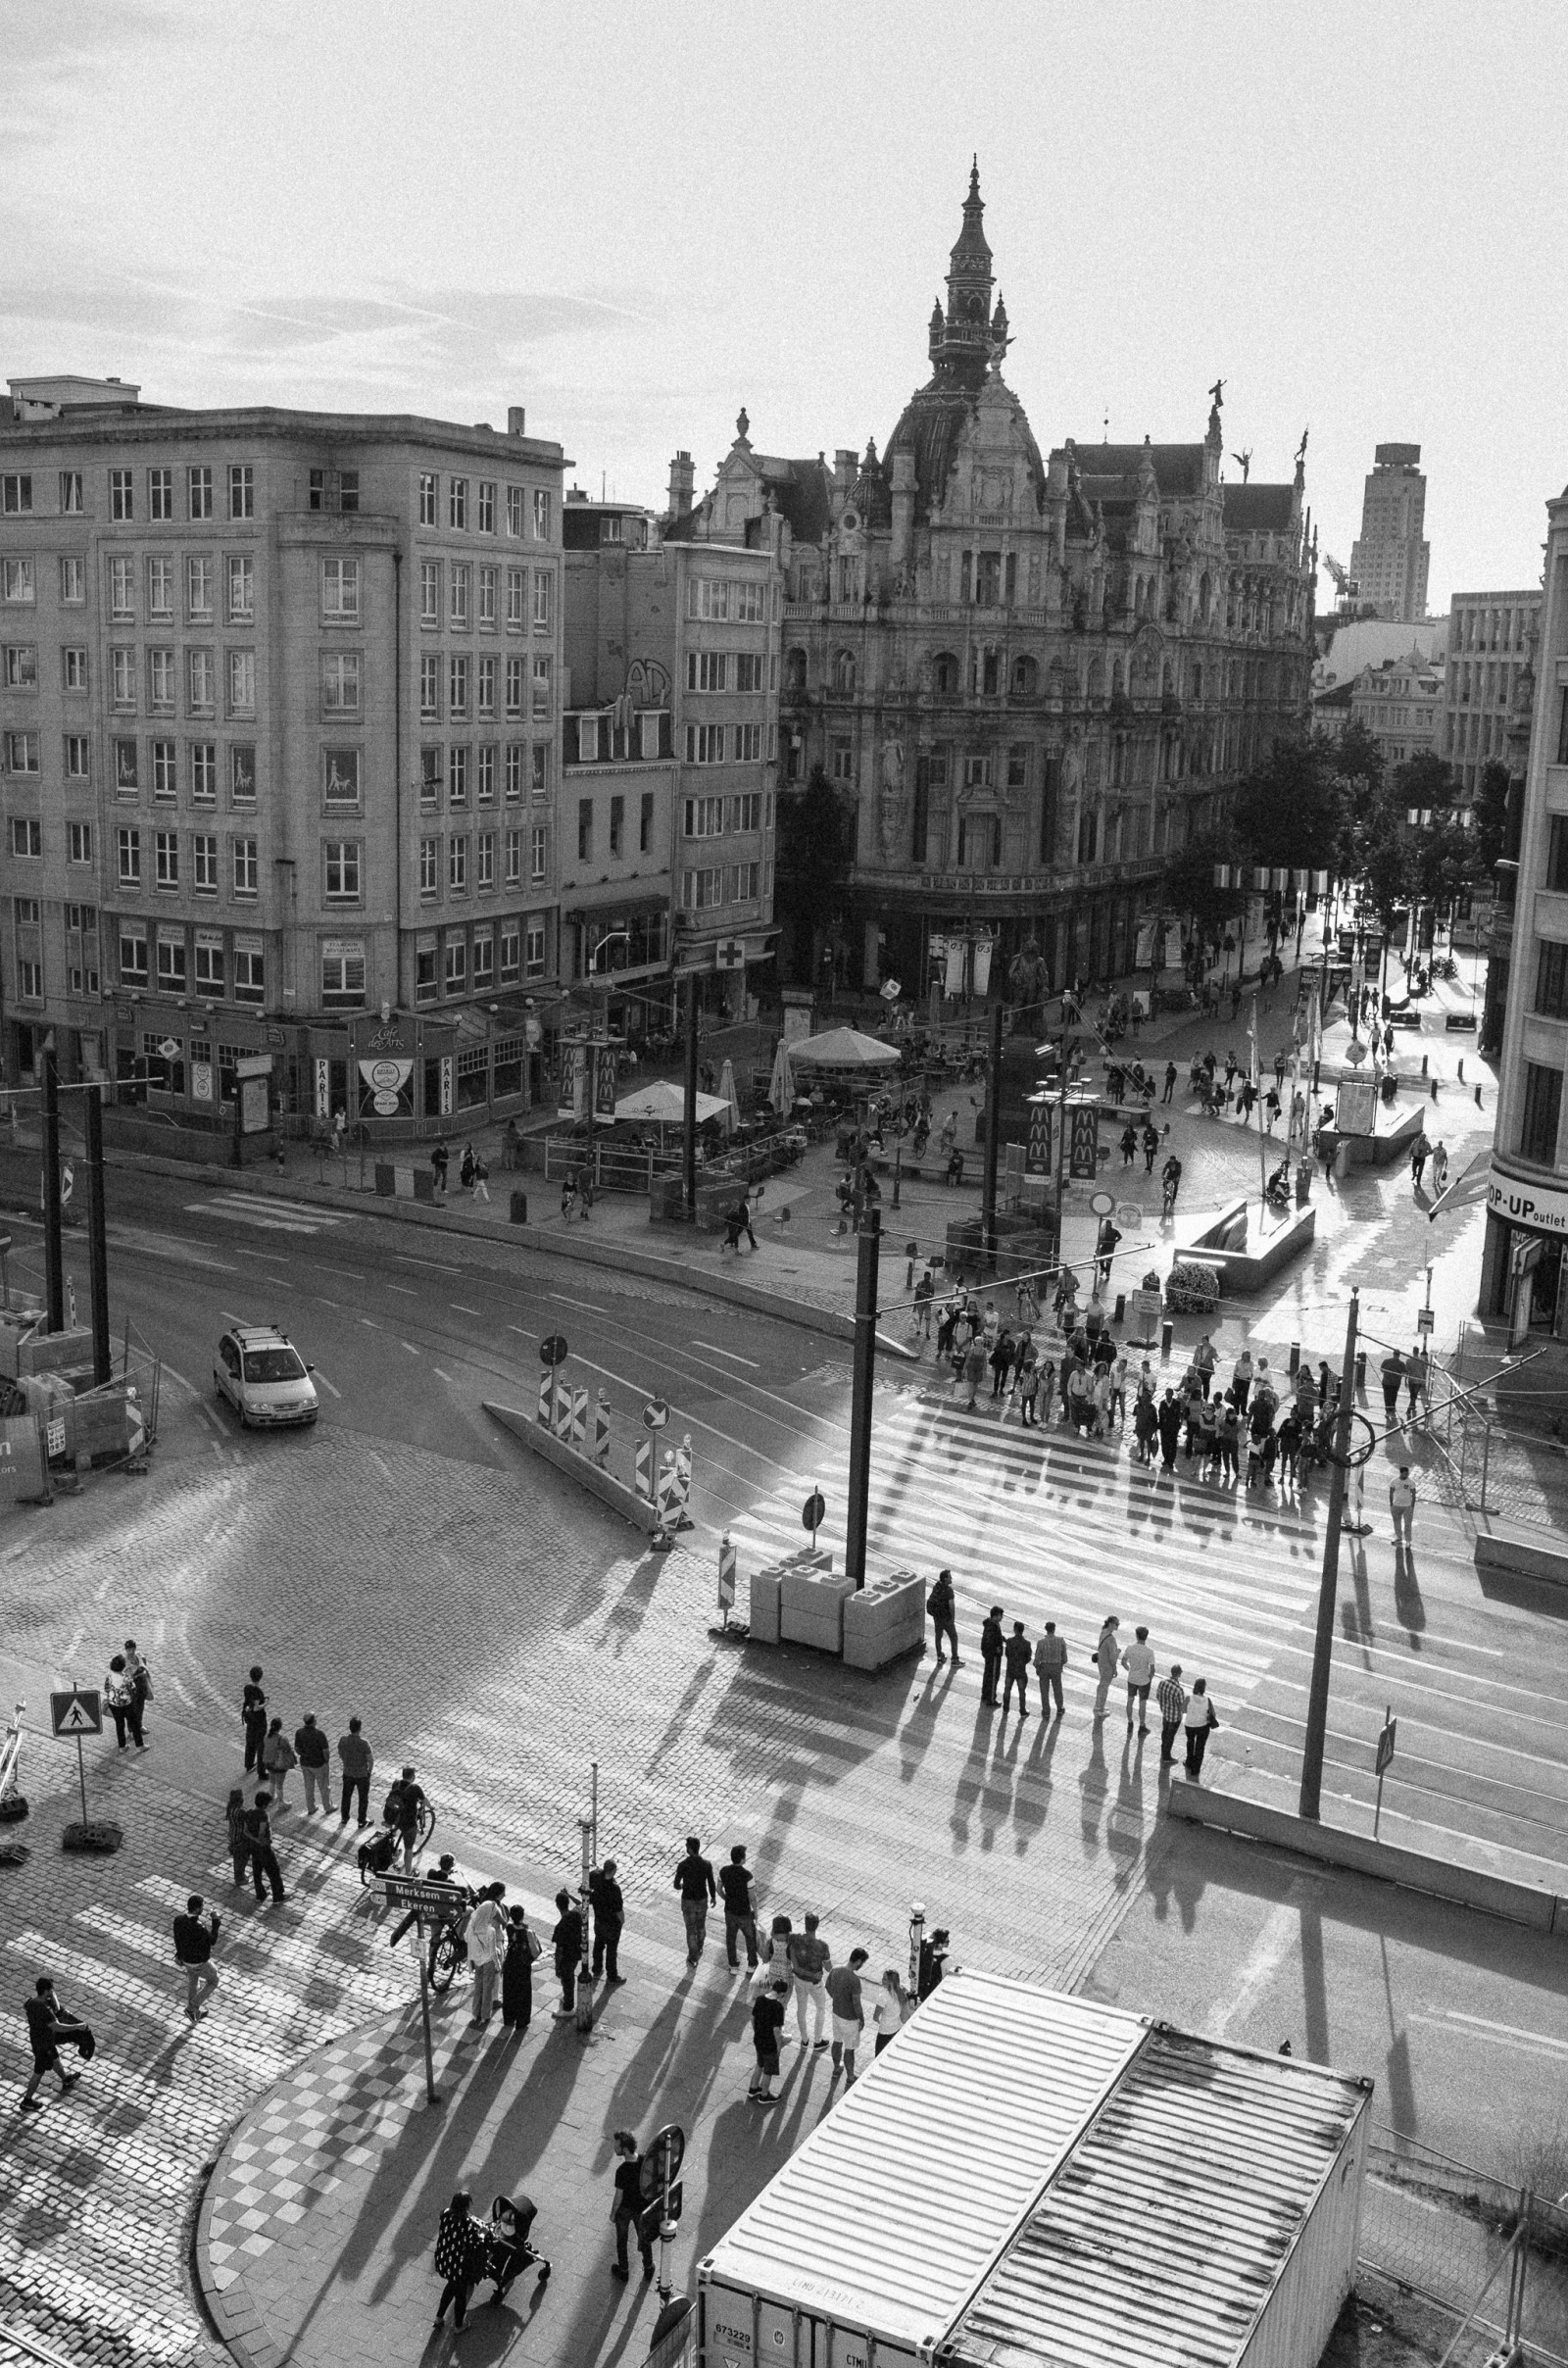 Leica_X-E_Article_Jip_van_Kuijk_19